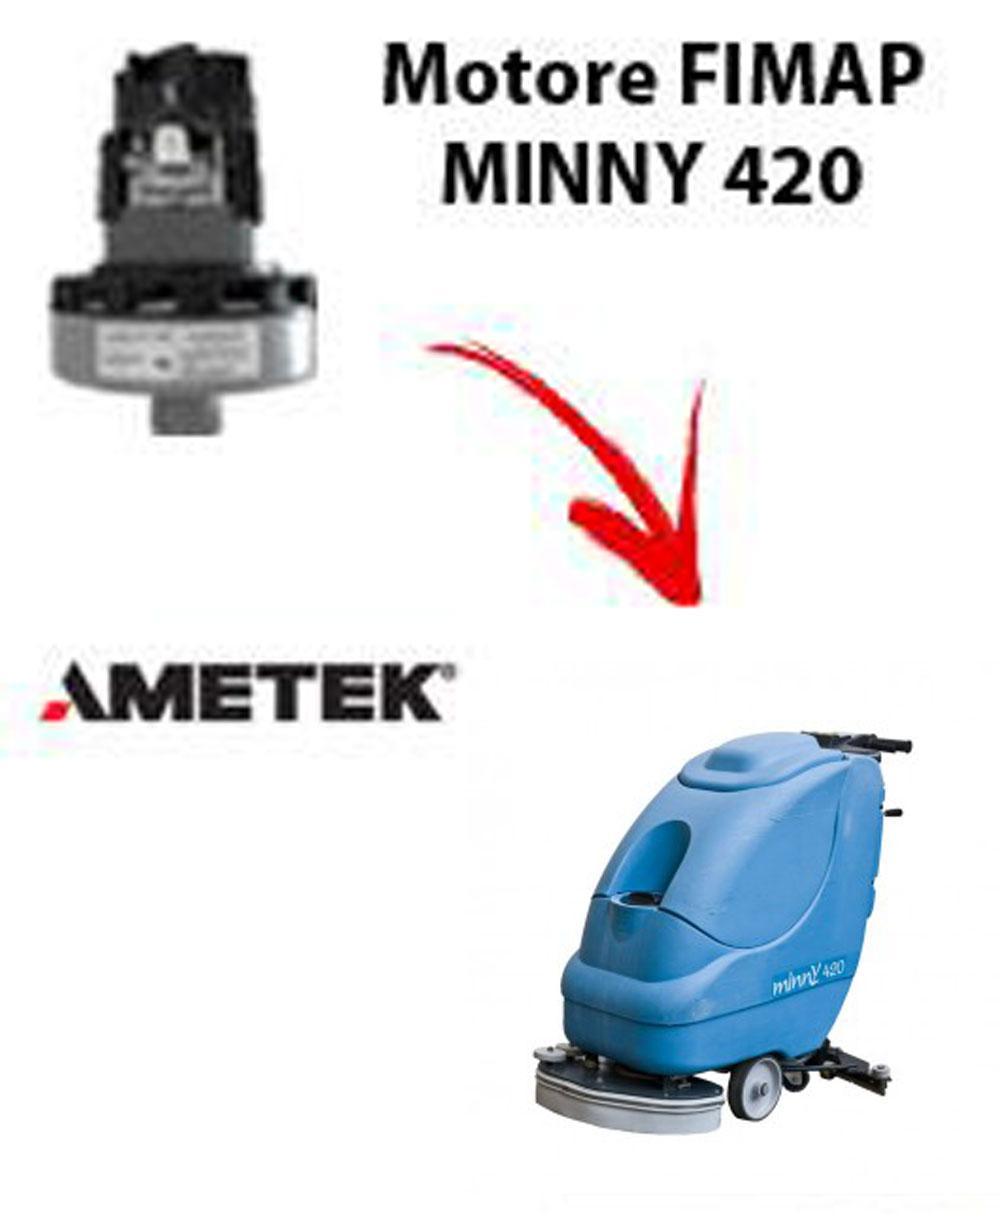 Motore Ametek di aspirazione per lavapavimenti FIMAP MINNY 420